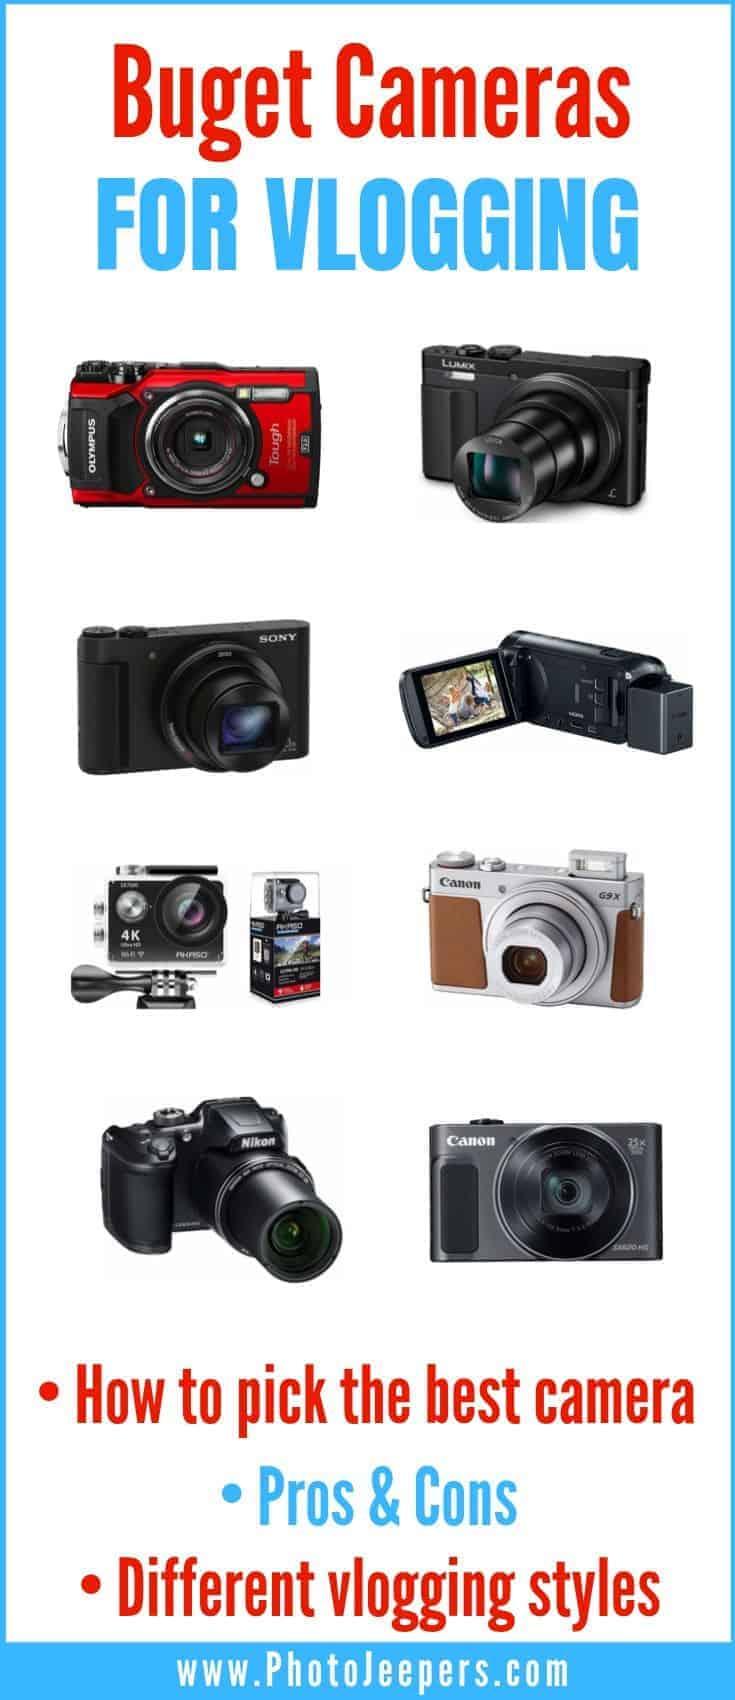 Budget cameras for vlogging